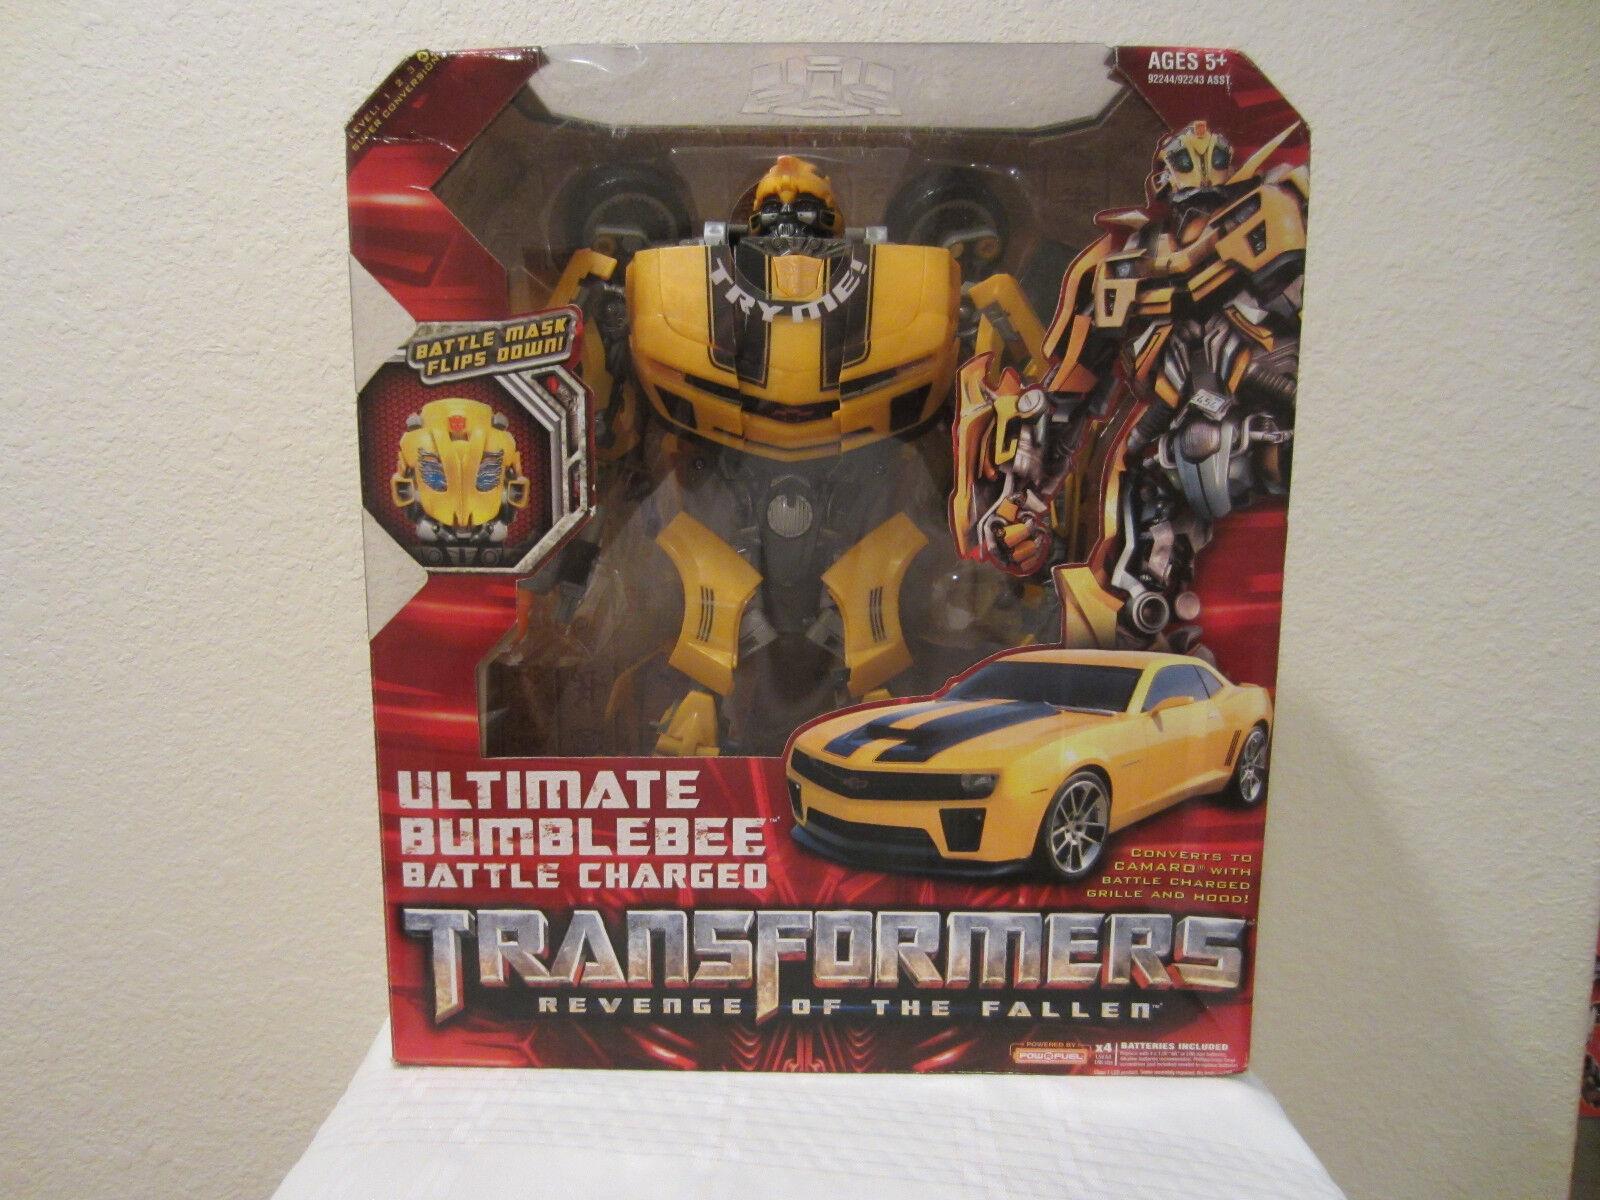 estar en gran demanda Transformers 2008 película película película 2 la venganza de los caídos Bumblebee Batalla Final Cochegado 14 in (approx. 35.56 cm) Figura Nueva  el mas reciente